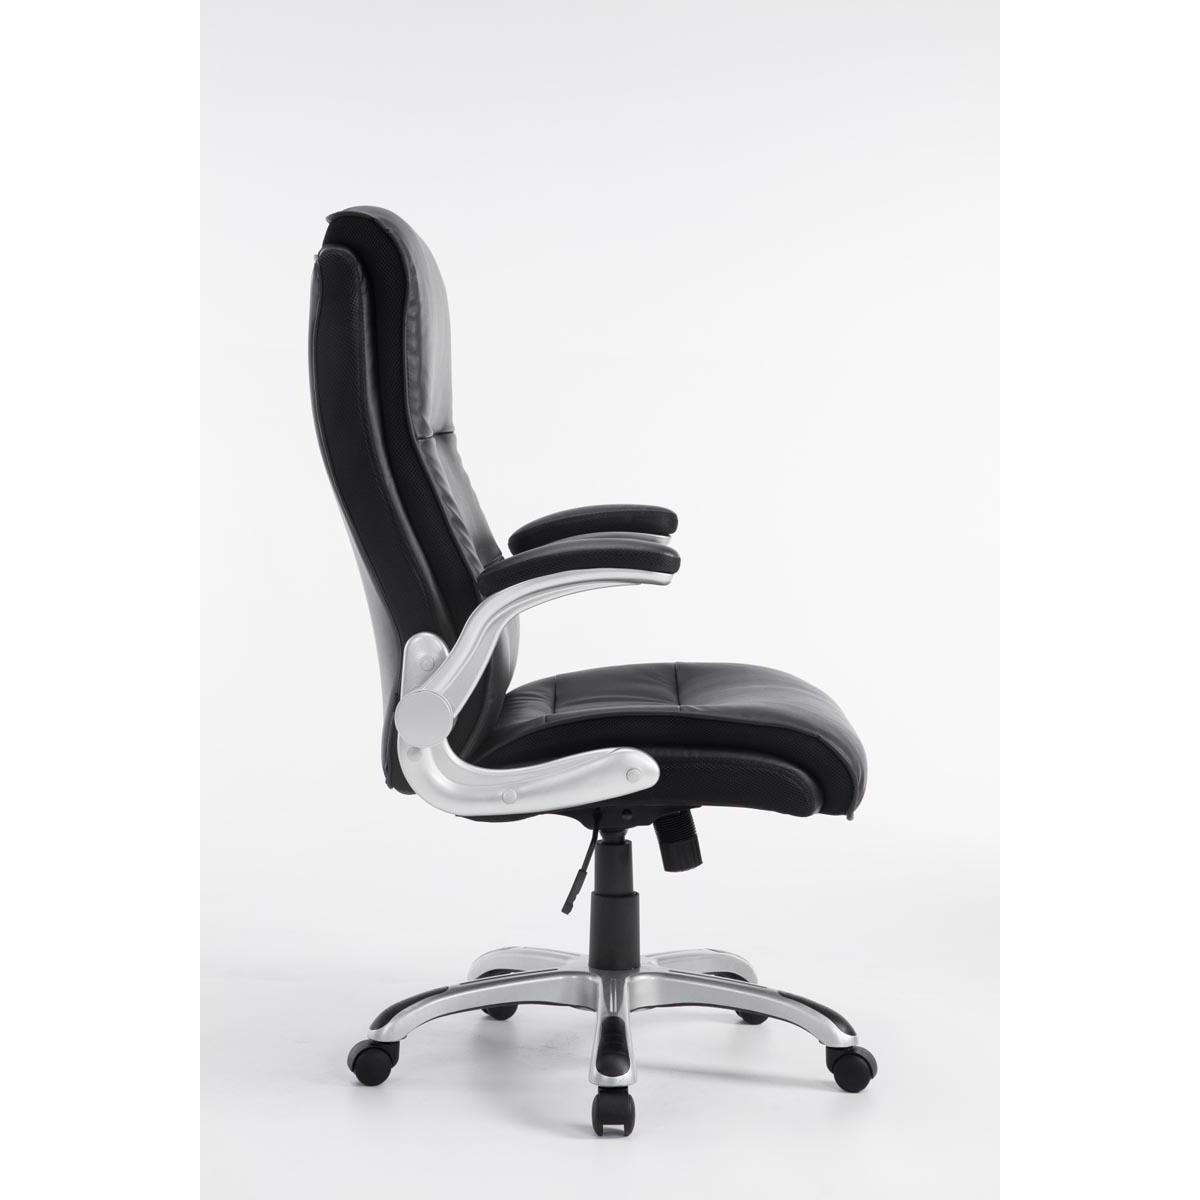 fauteuil de bureau cristiano grand rembourrage mecanisme basculant utilisation quotidienne 8h noir